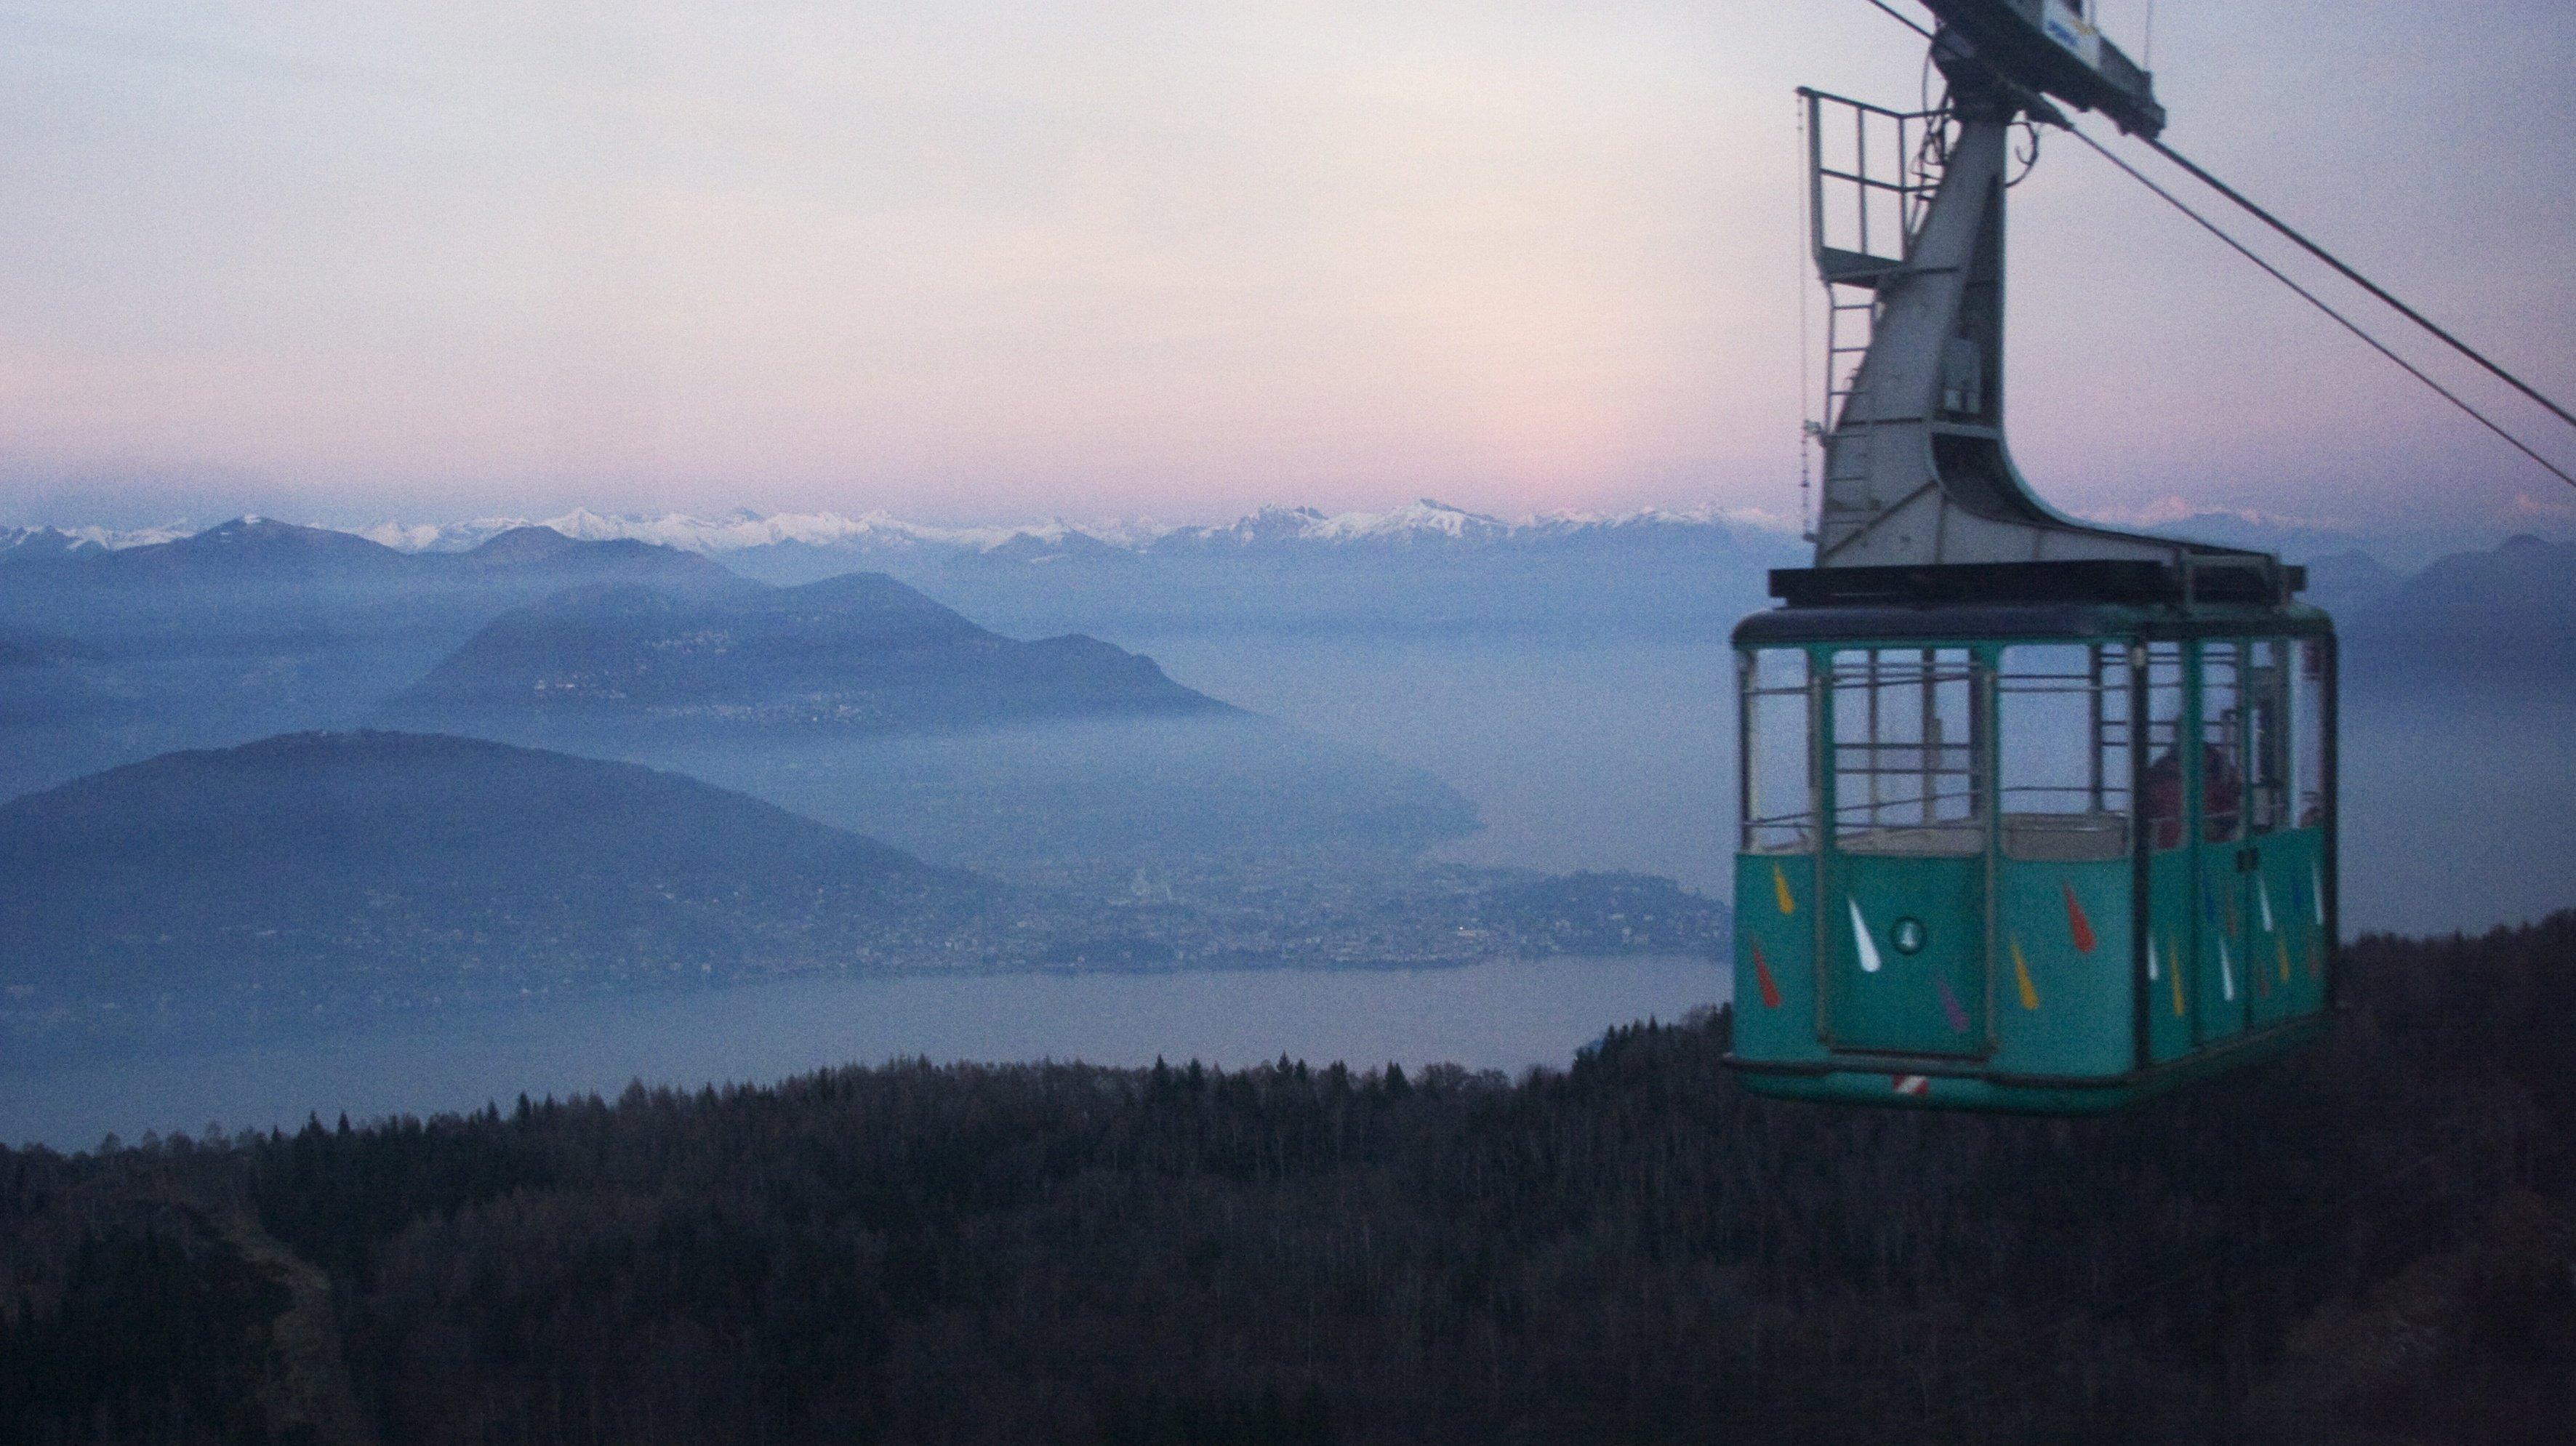 Destination Maggiore Lake In Stresa, Italy On December 29, 2006-